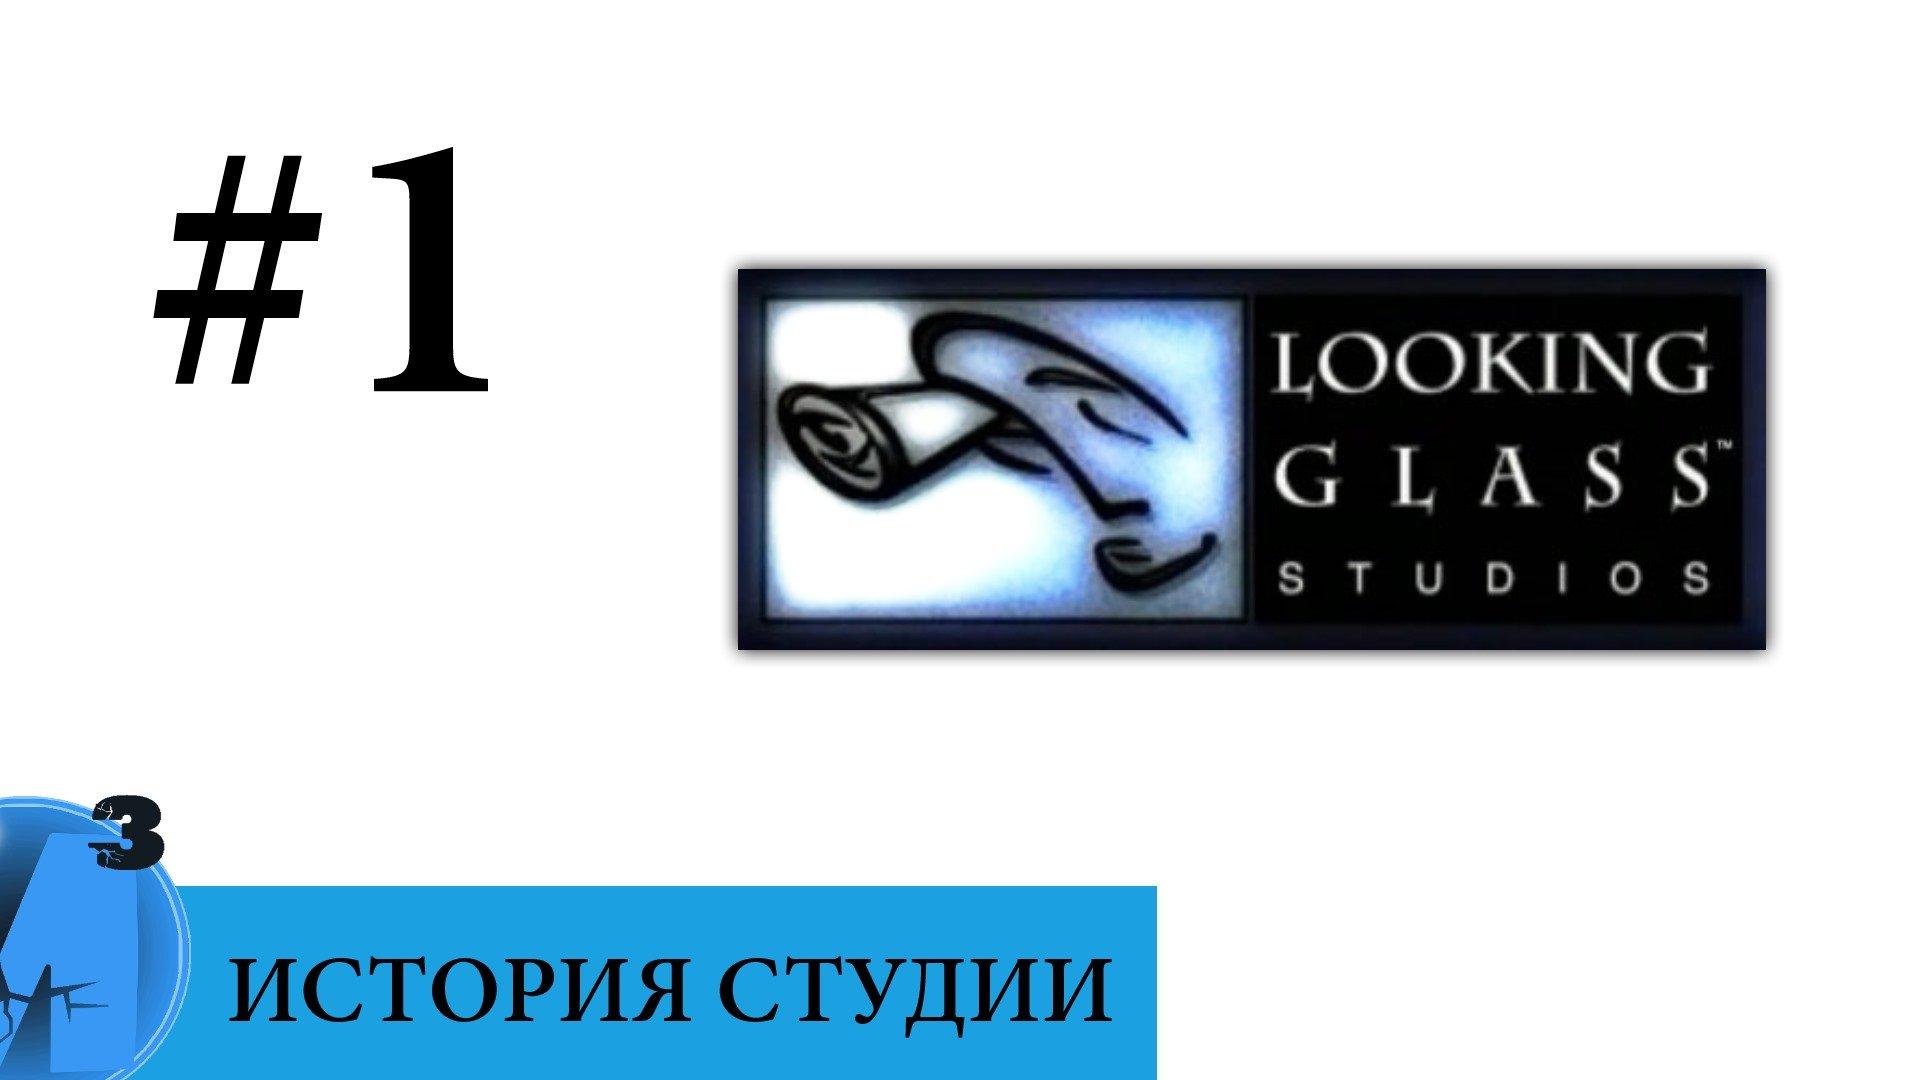 ИИИ - Looking Glass Studio (часть 1). 1990 - 1997. - Изображение 1